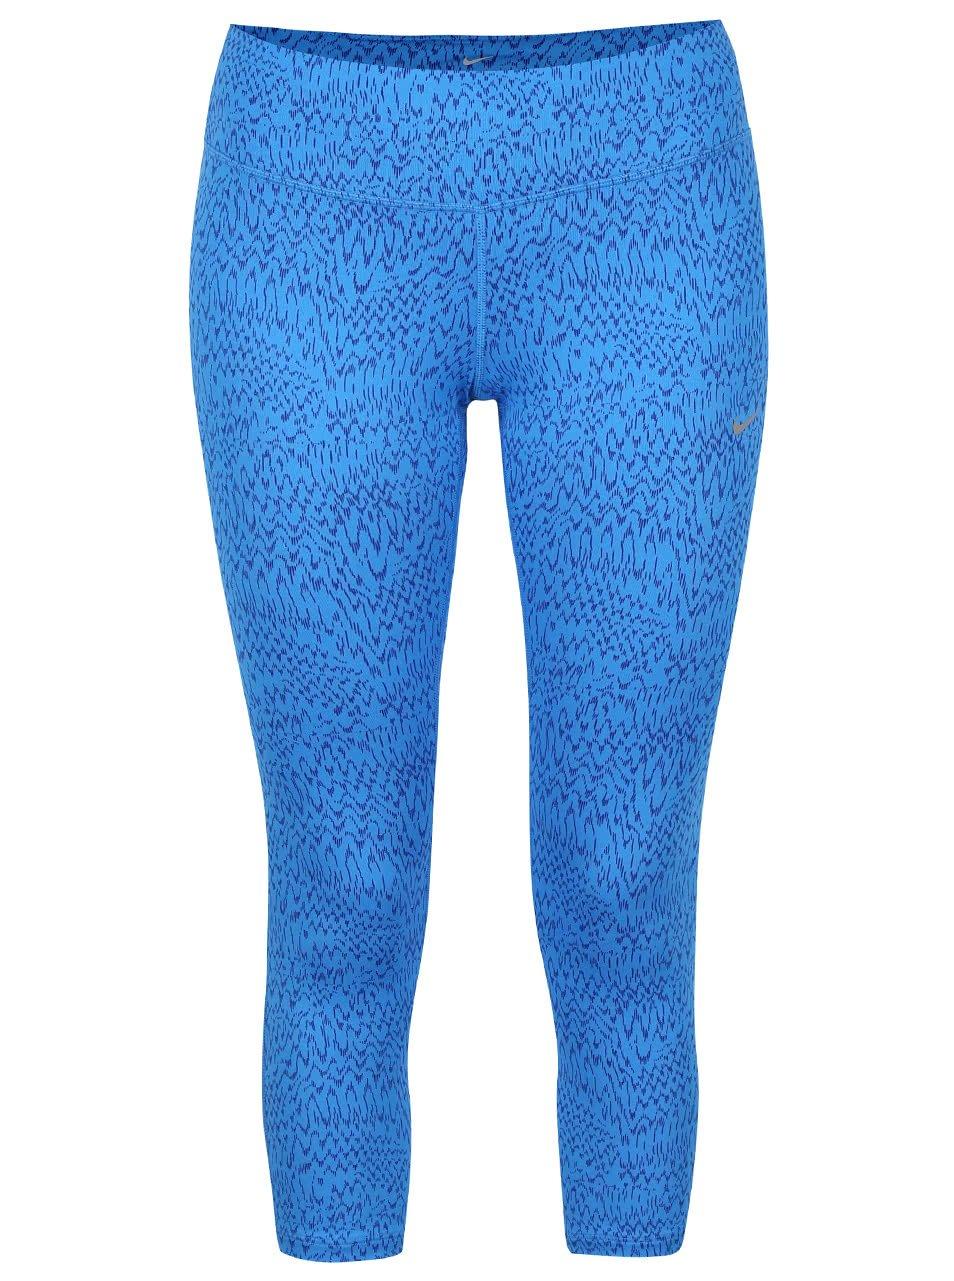 Modré dámské 3/4 vzorované legíny Nike Power Epic Run